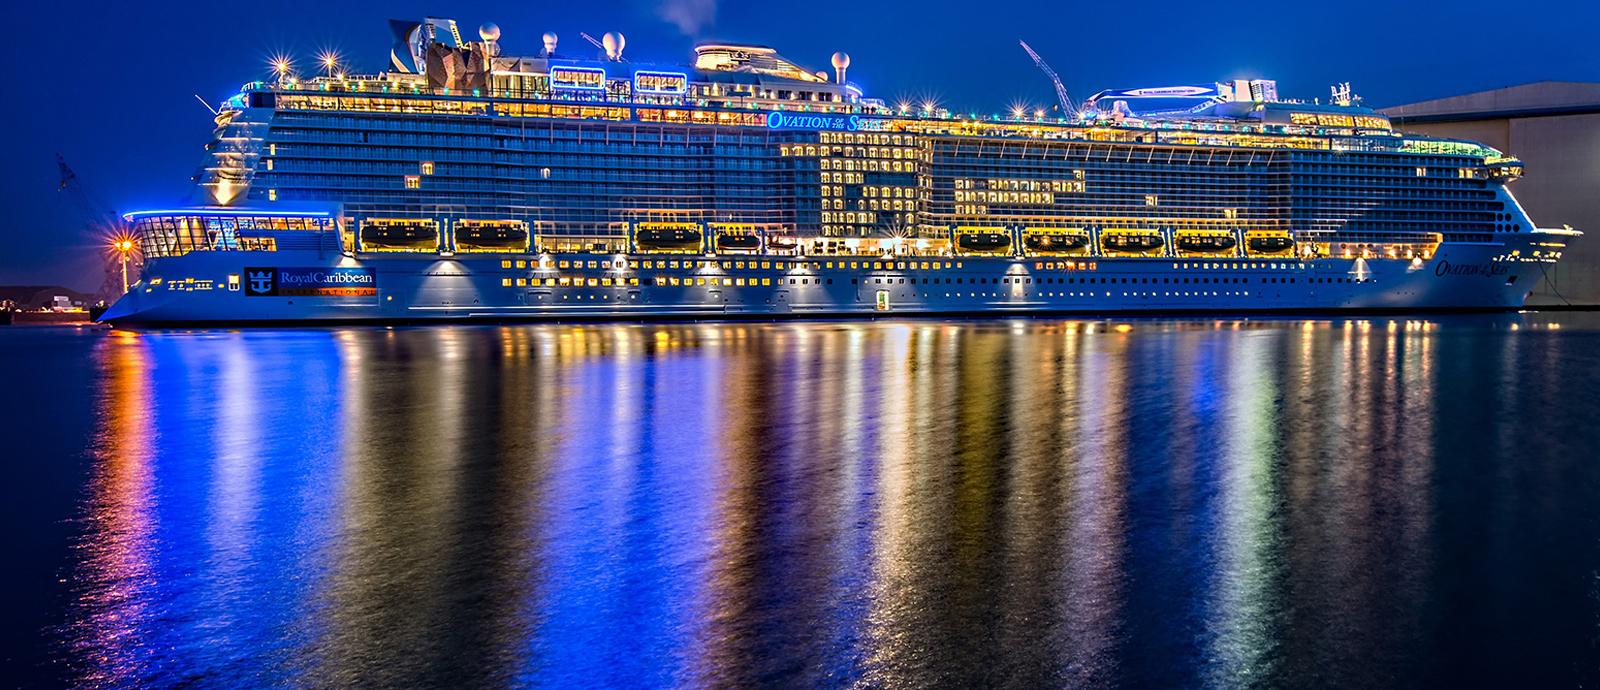 tekne süsleme gemi süsleme vapur yat ışık süsleme -